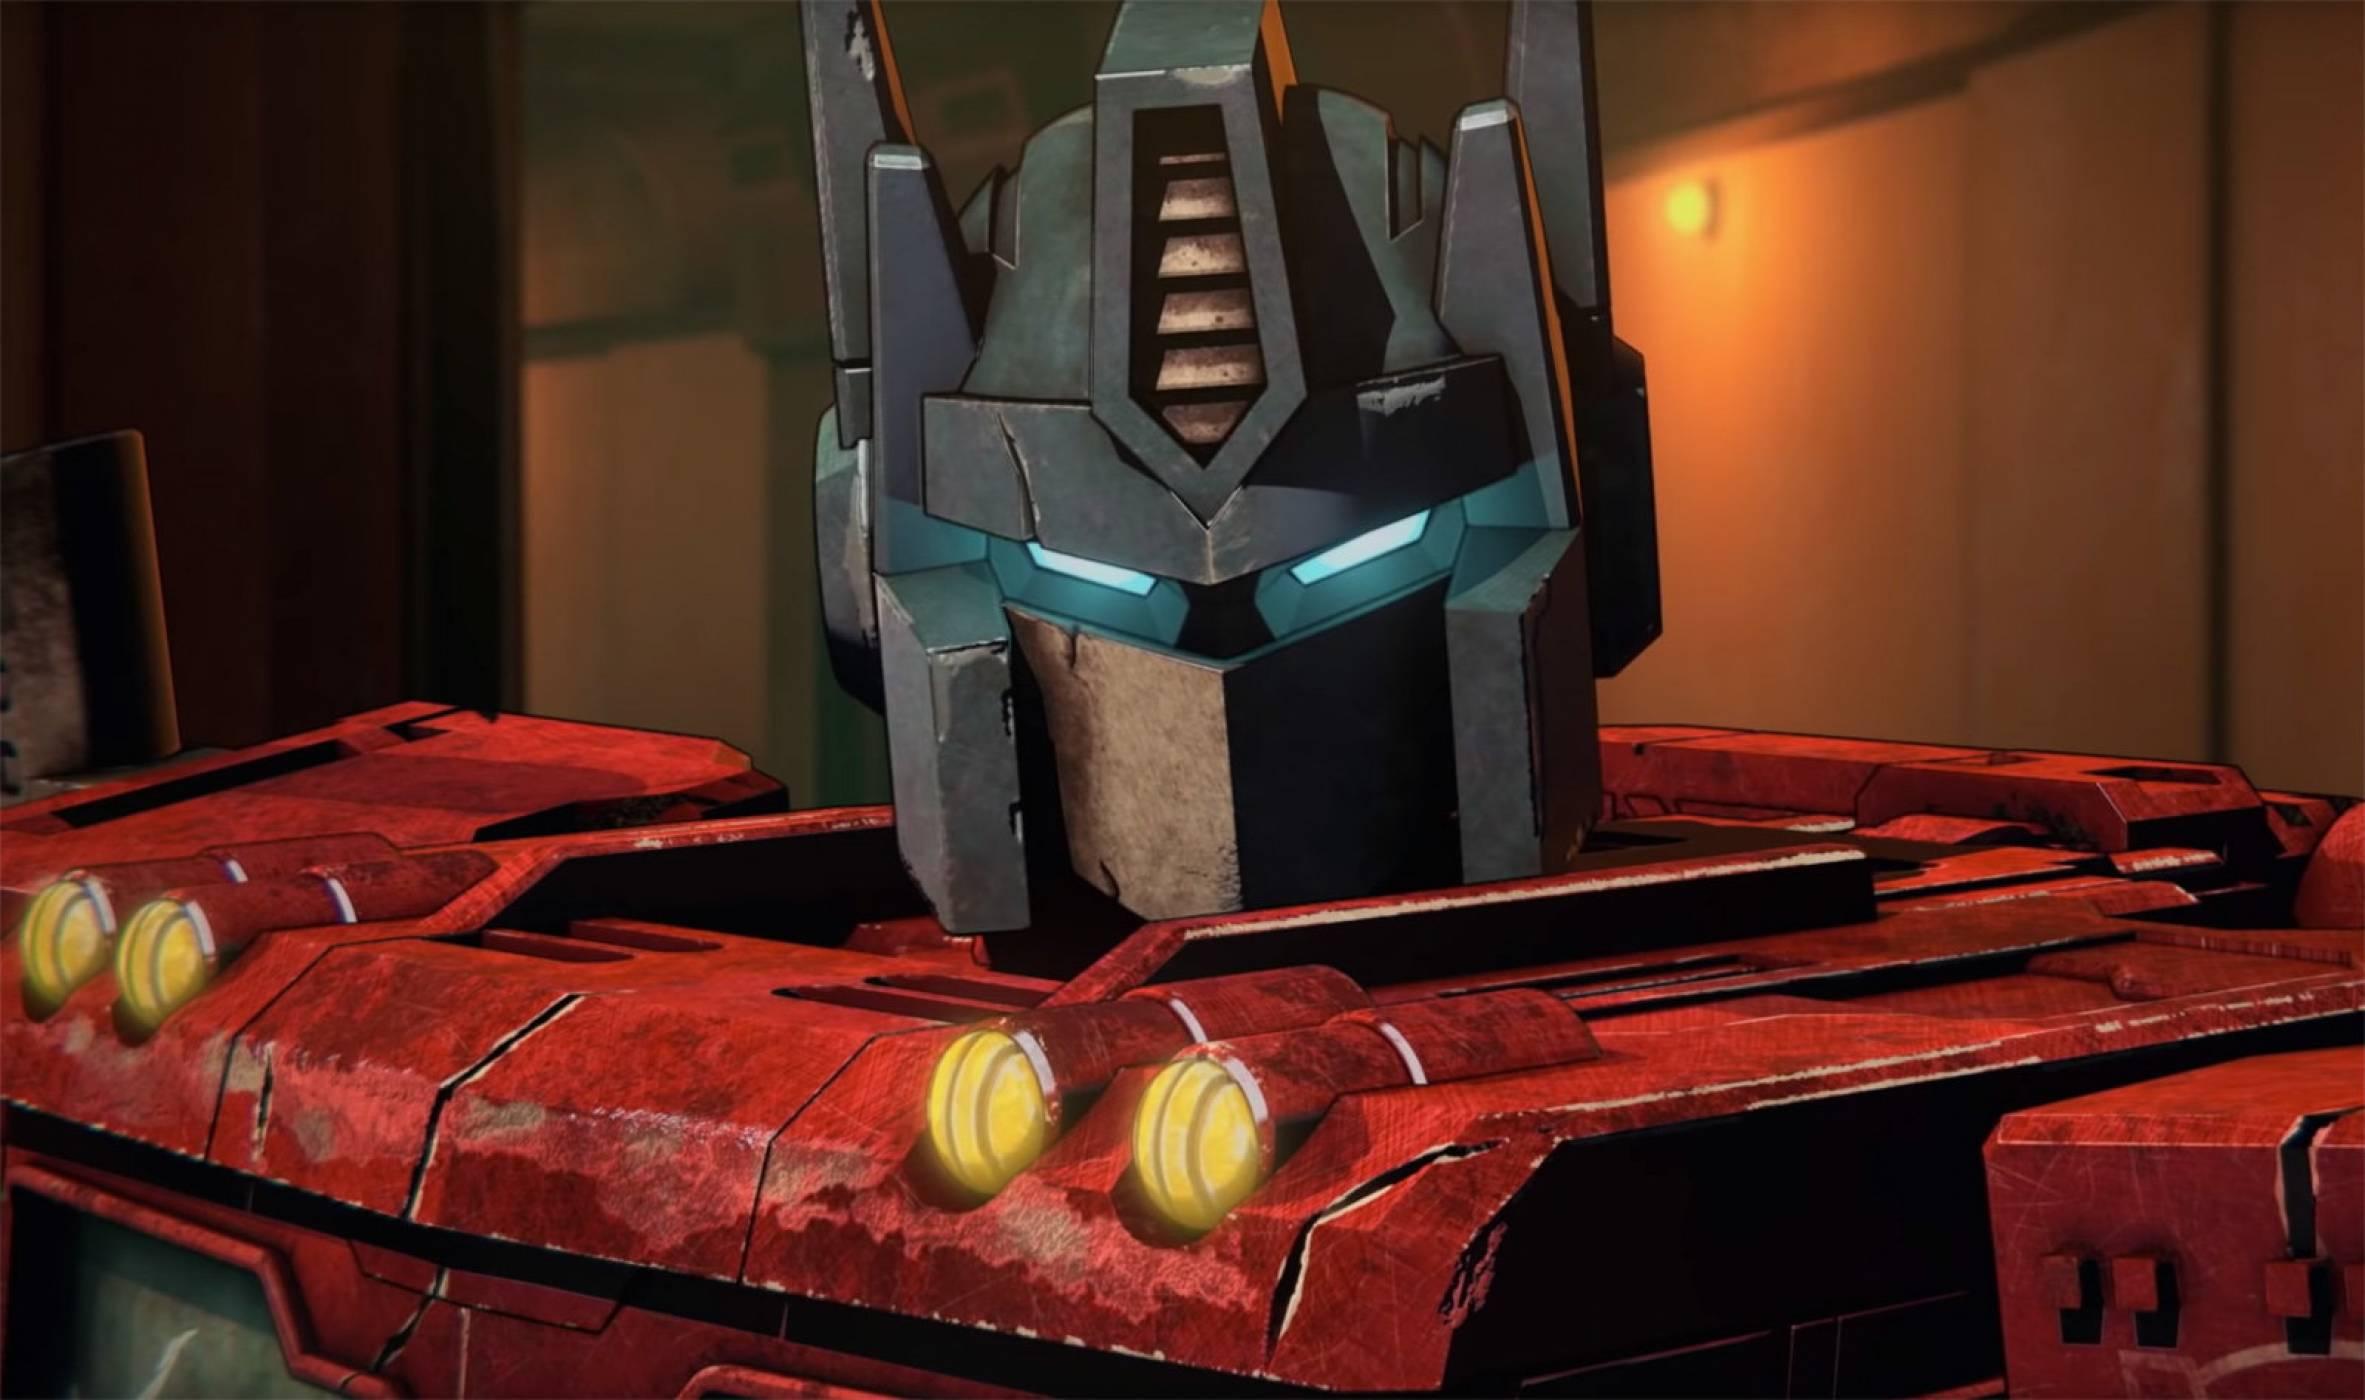 В първия тийзър на Transformers на Netflix войната е безнадеждна (ВИДЕО)